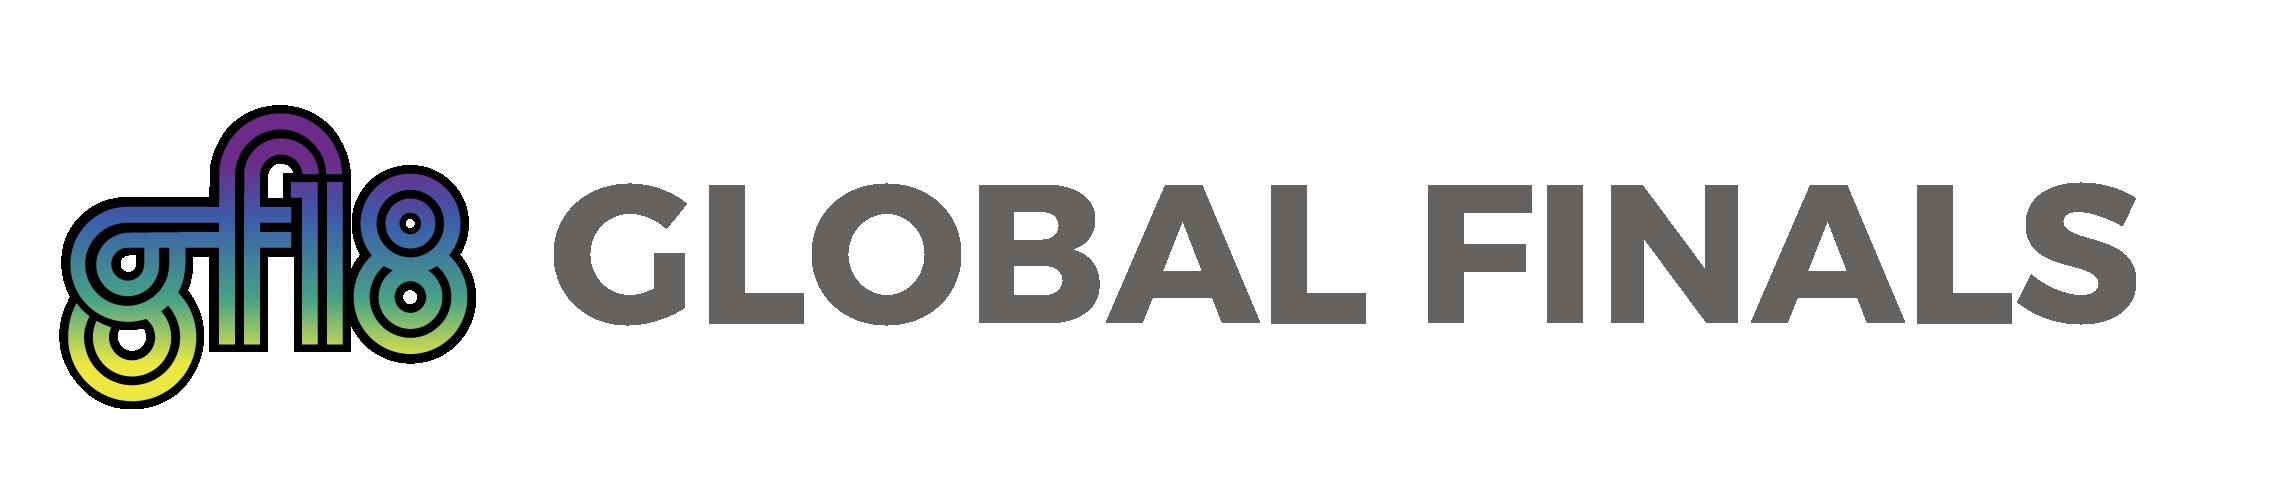 GLOBAL FINALS.png